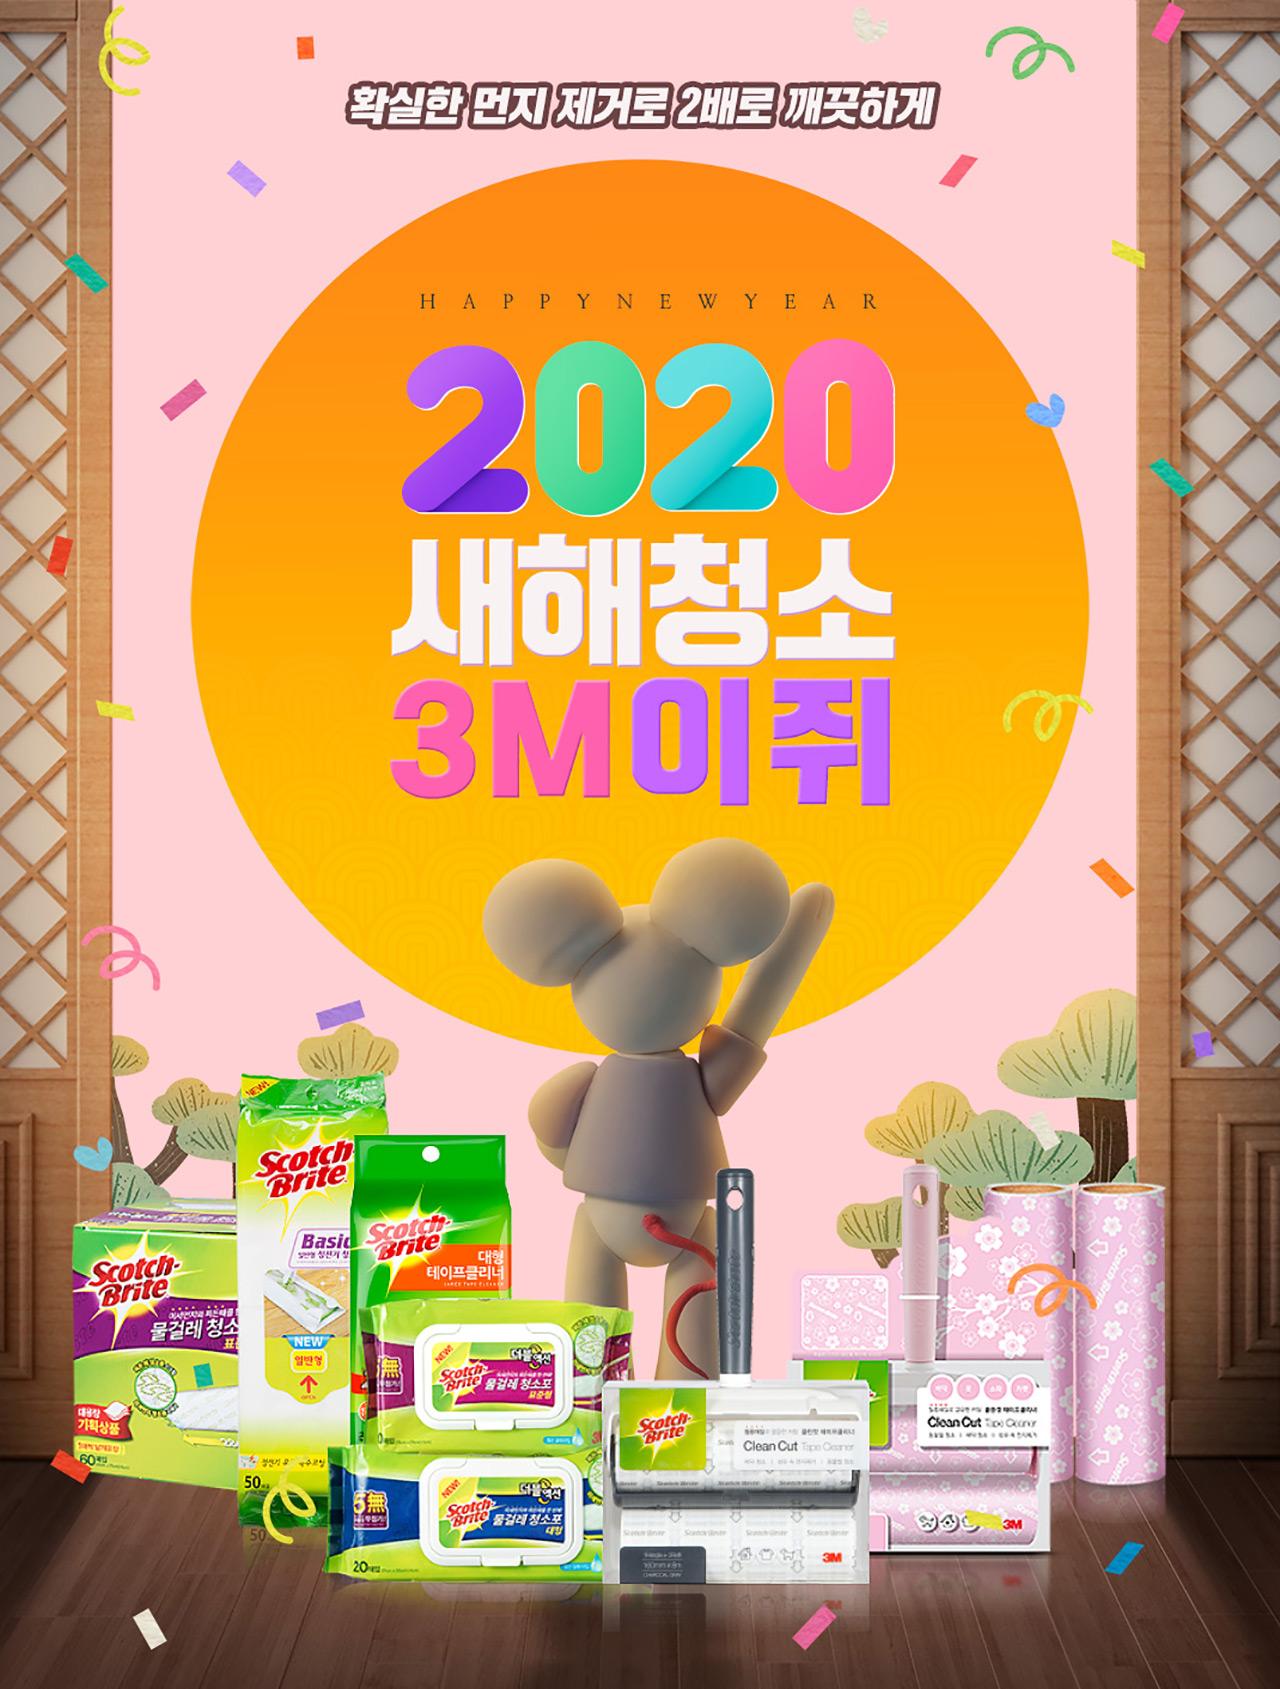 2020 3M 브랜드위크